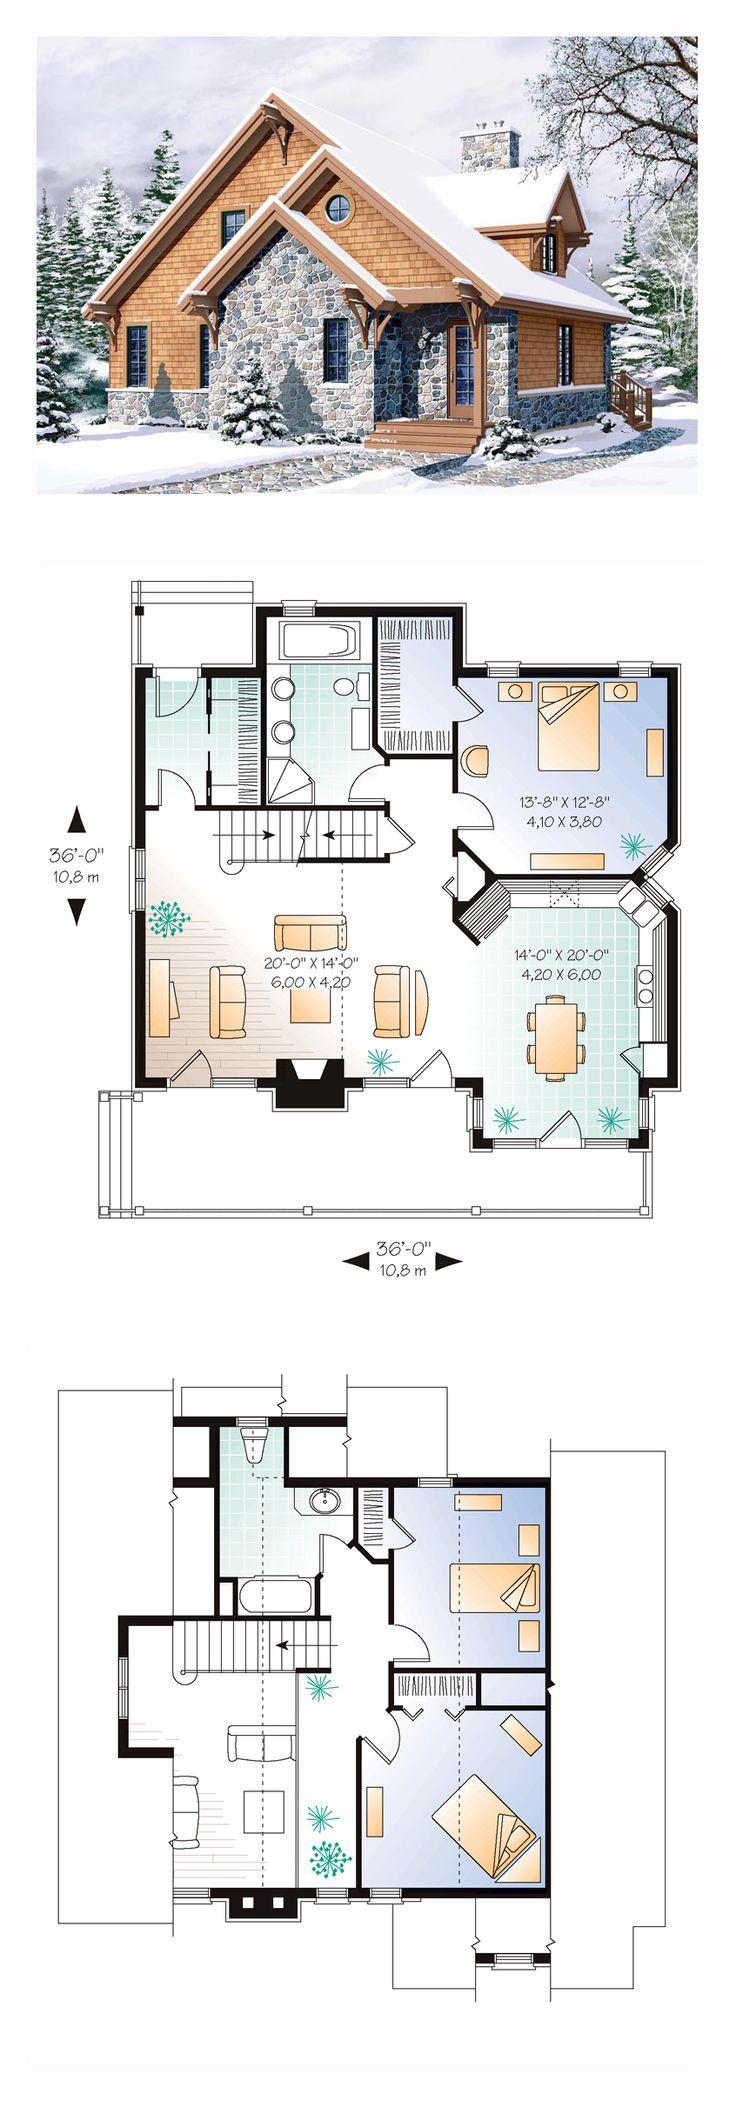 17 best ideas about bungalow house plans on pinterest Bungalows floor plans